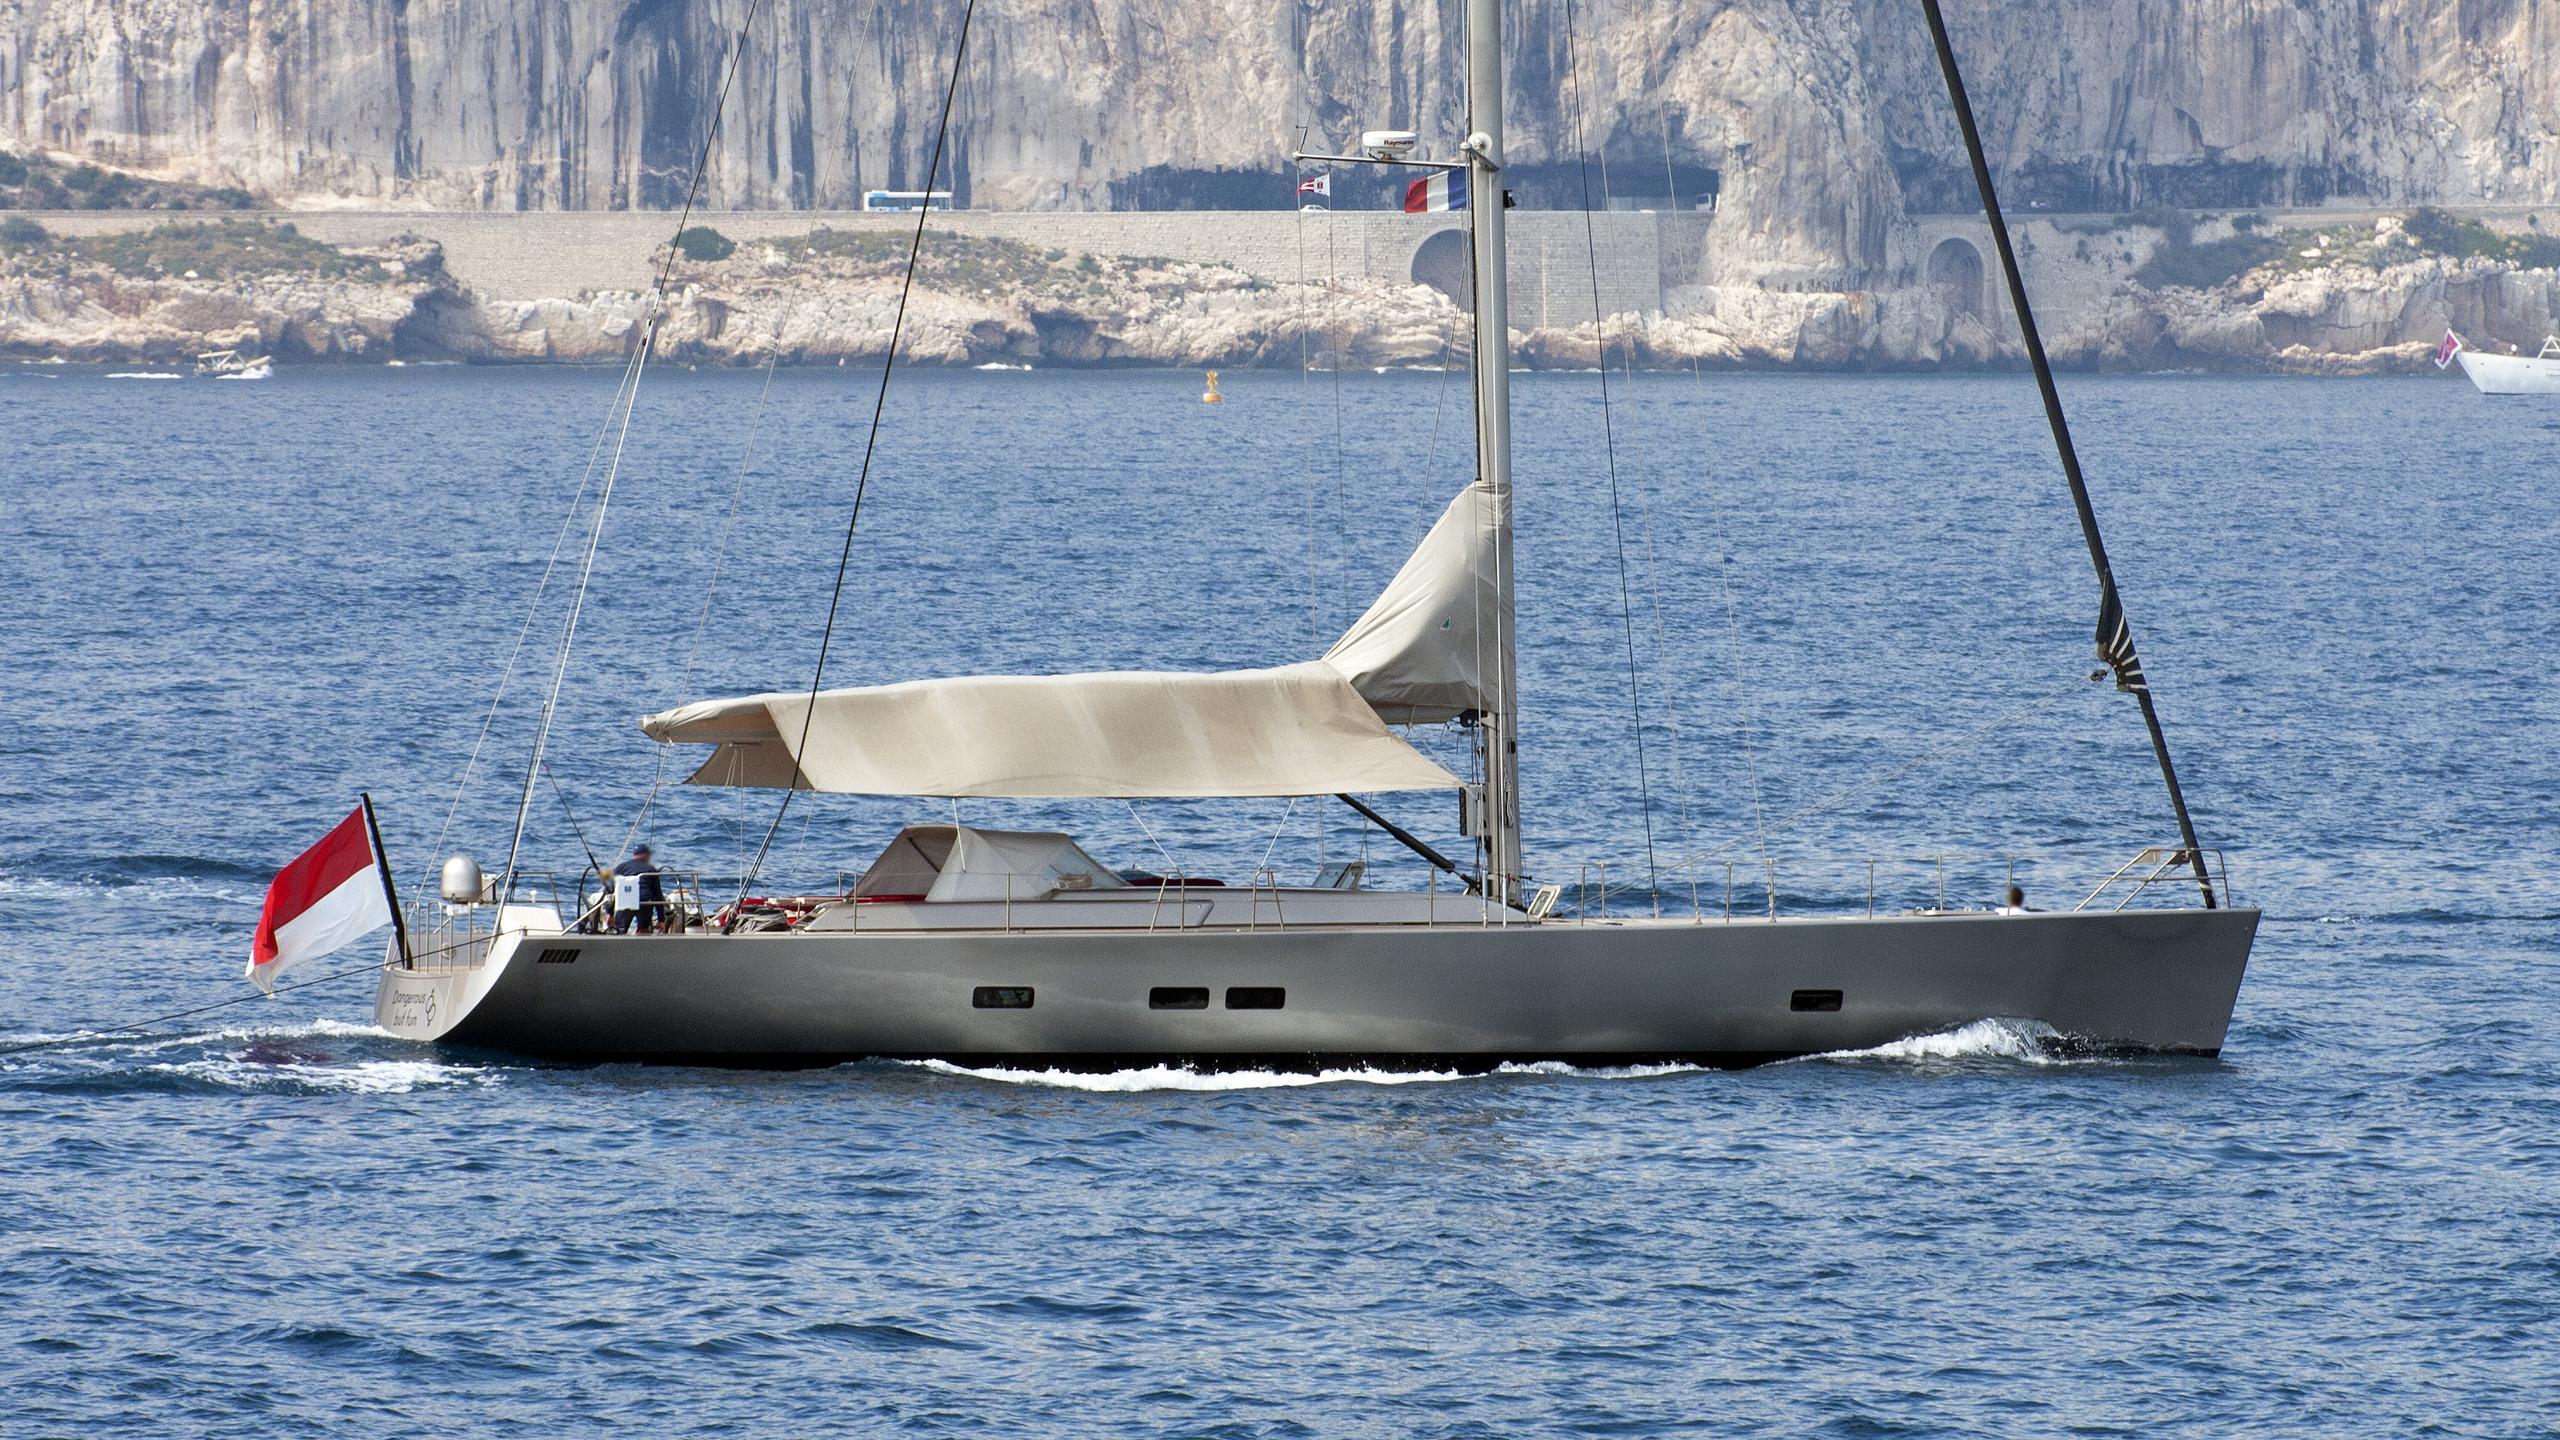 tilakkhana-saling-yacht-wally-80-2004-24m-profile